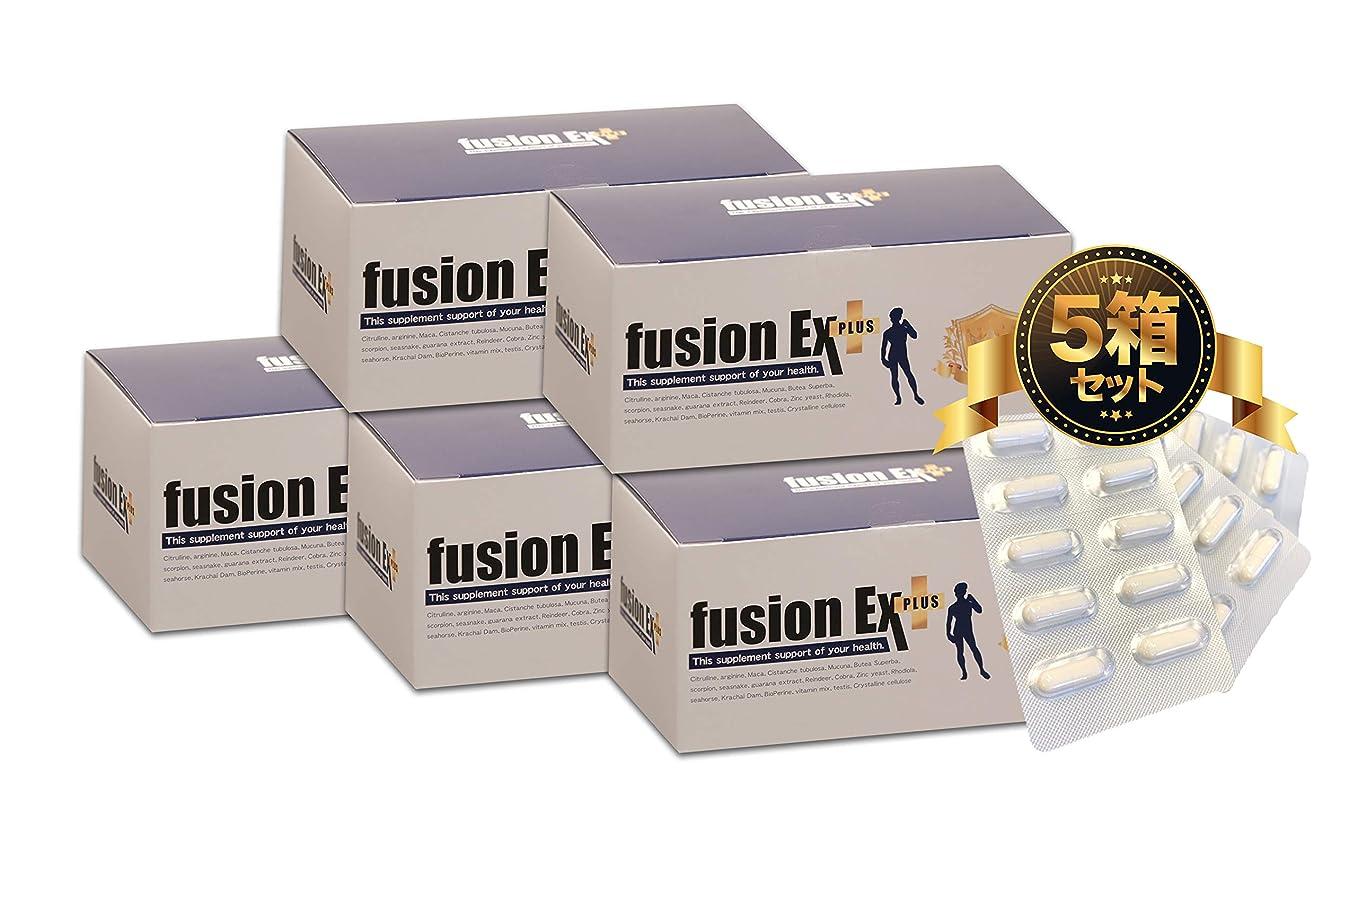 スイワーディアンケース悲観的フュージョンEXプラス 5箱セット 1番お得セット 男の自信 増大サプリメント 200種類のアミノ酸を贅沢配合